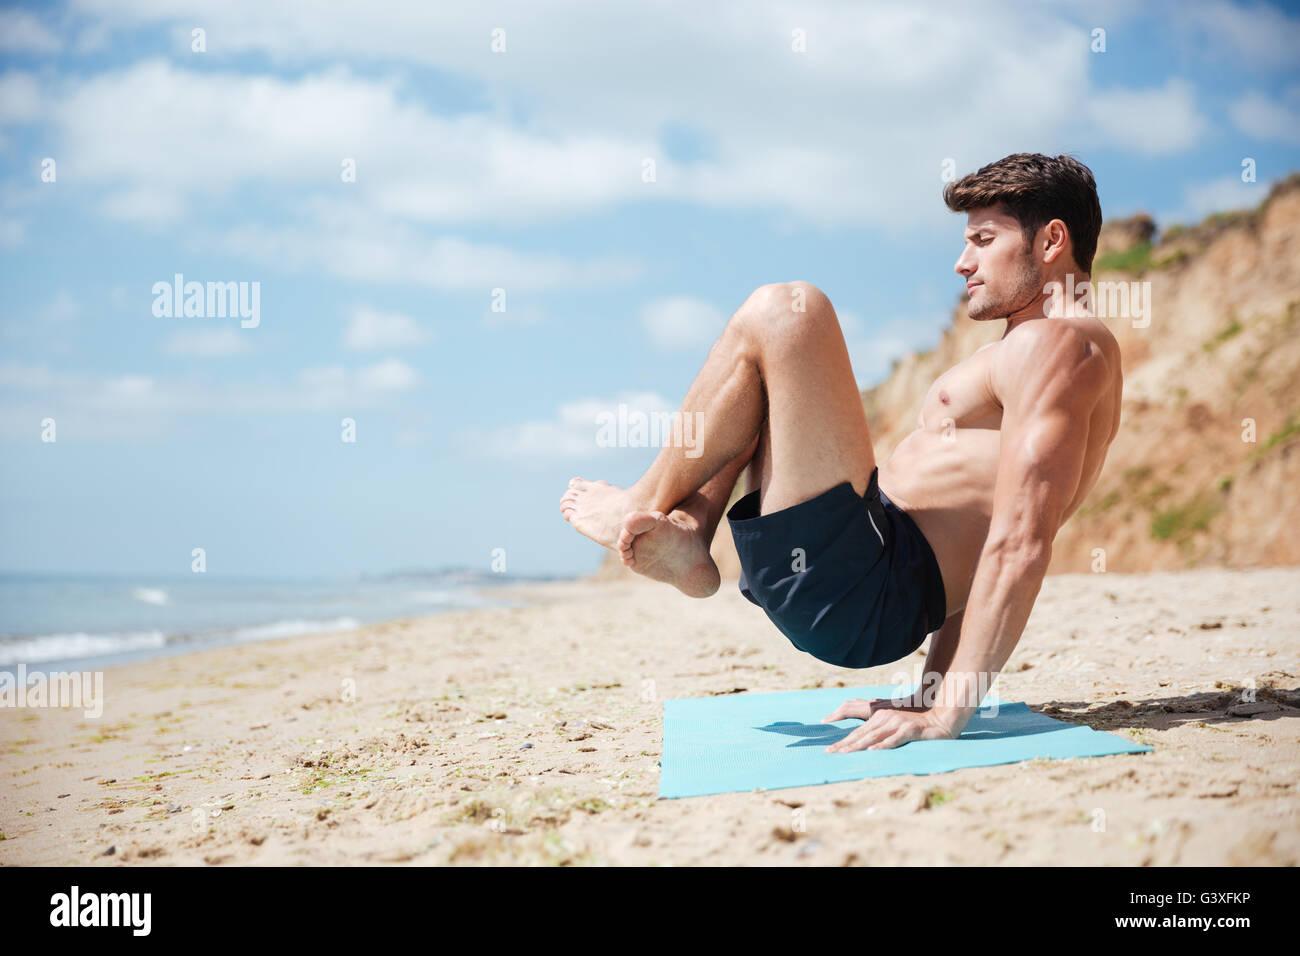 L'homme avec les yeux fermés en équilibre sur ses mains et en pratiquant le yoga sur la plage Photo Stock